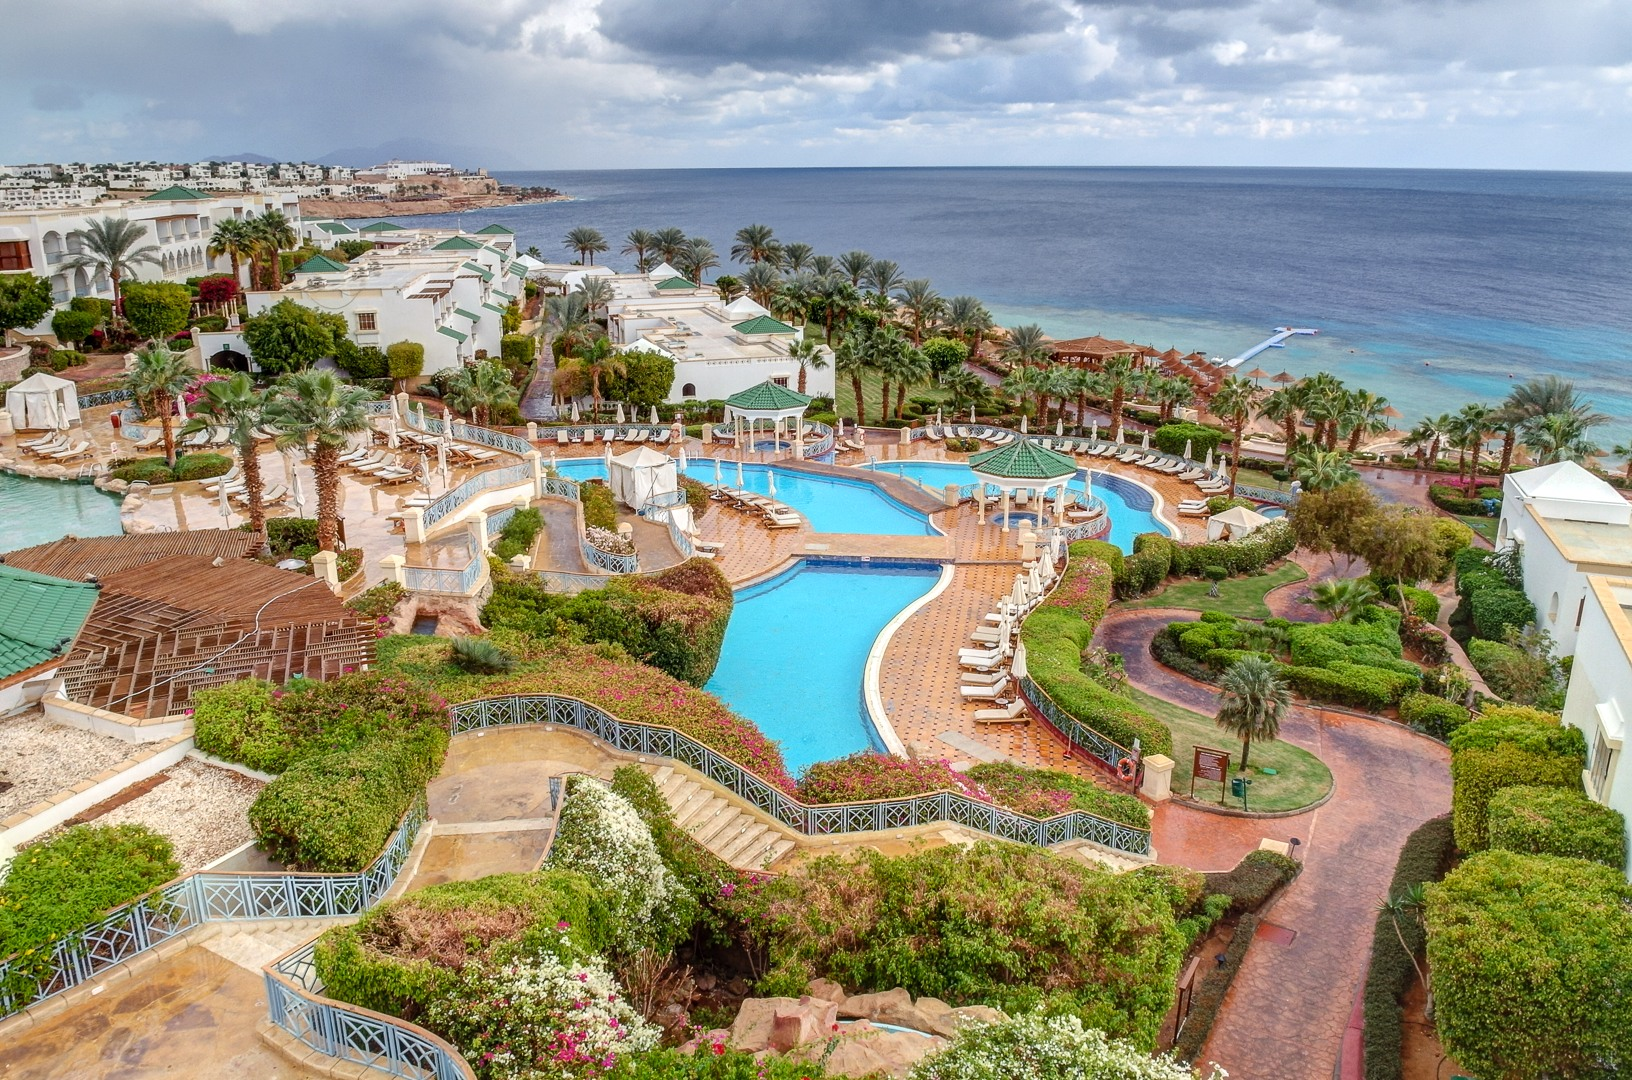 Hotel Hyatt Regency, Sharm El Sheikh